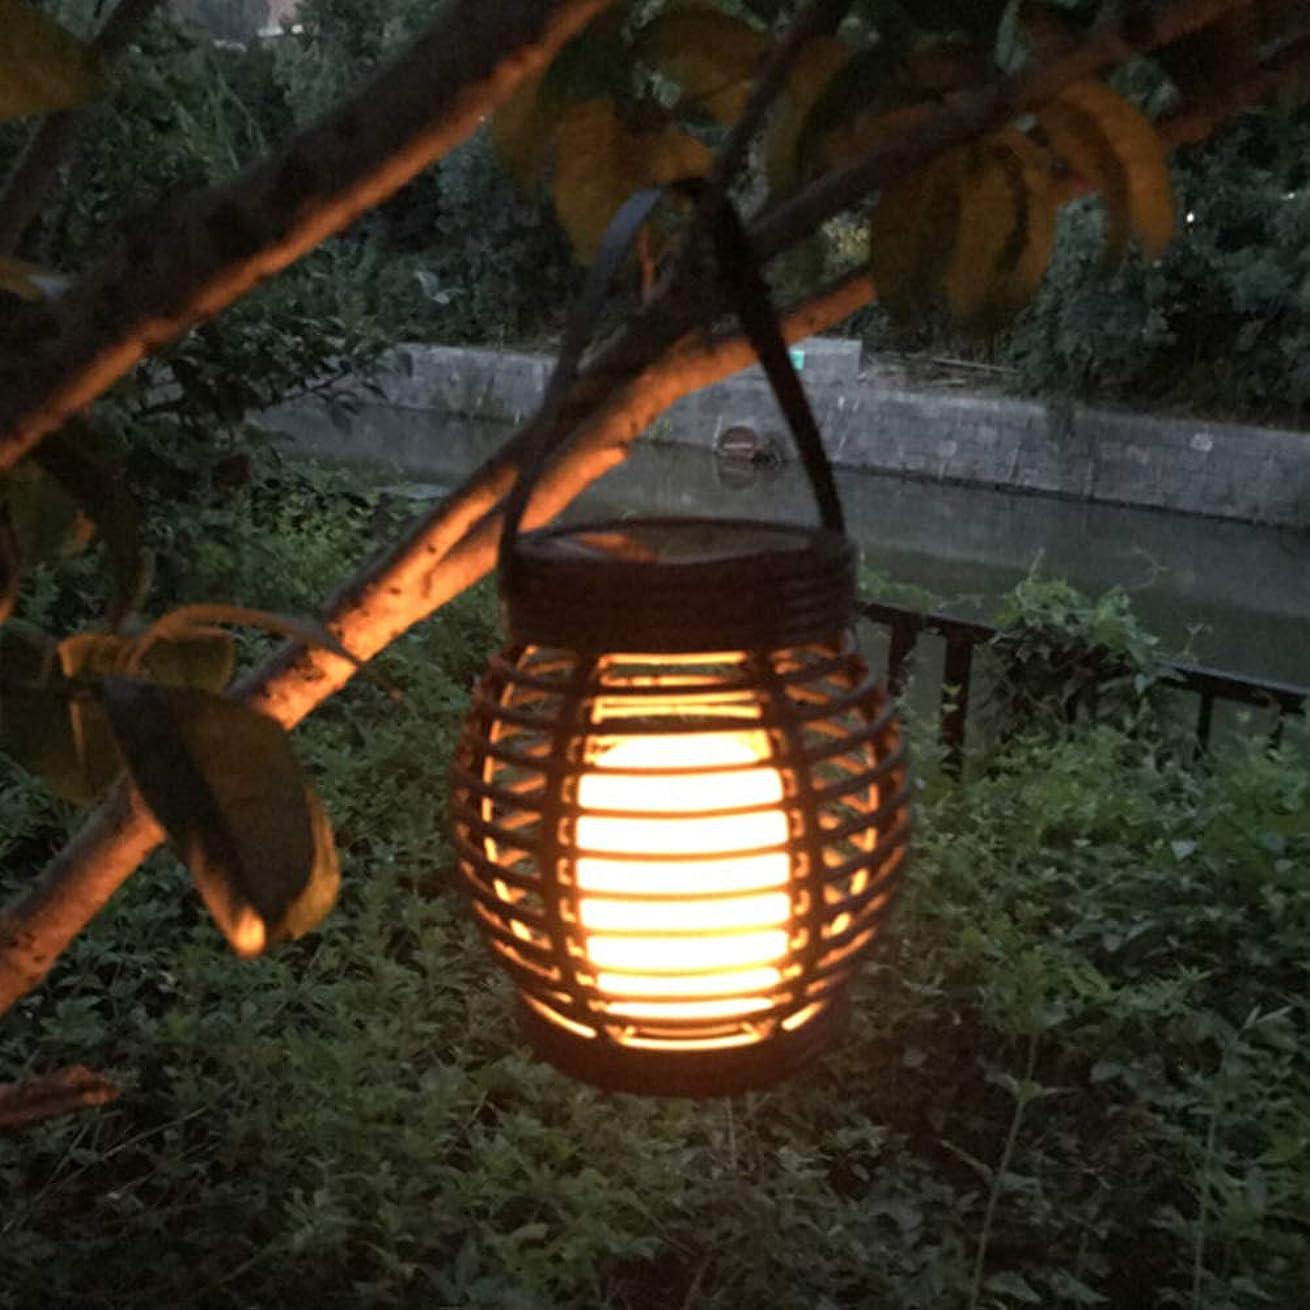 の配列柔らかさ床を掃除するRaiFu キャンドル ランタン LED ガーデン ヤード 屋外装飾 ソーラー 街路灯 ライト